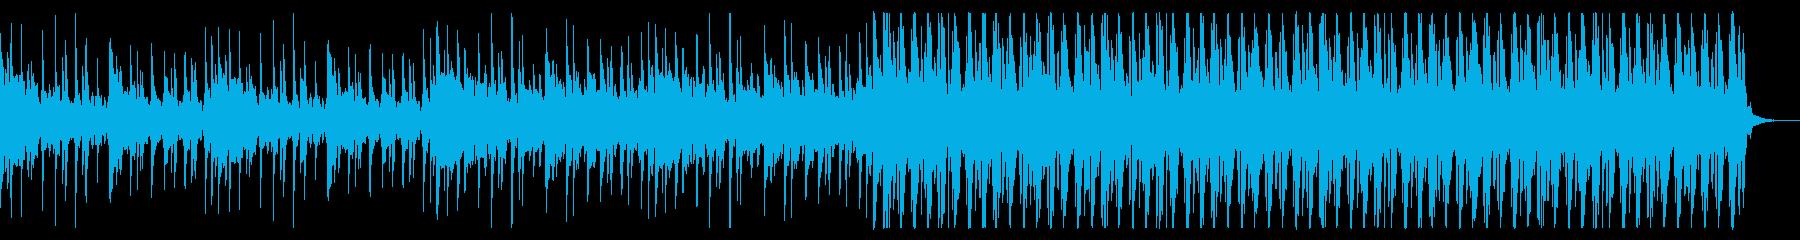 古代遺跡/ジャングル_No664_3の再生済みの波形